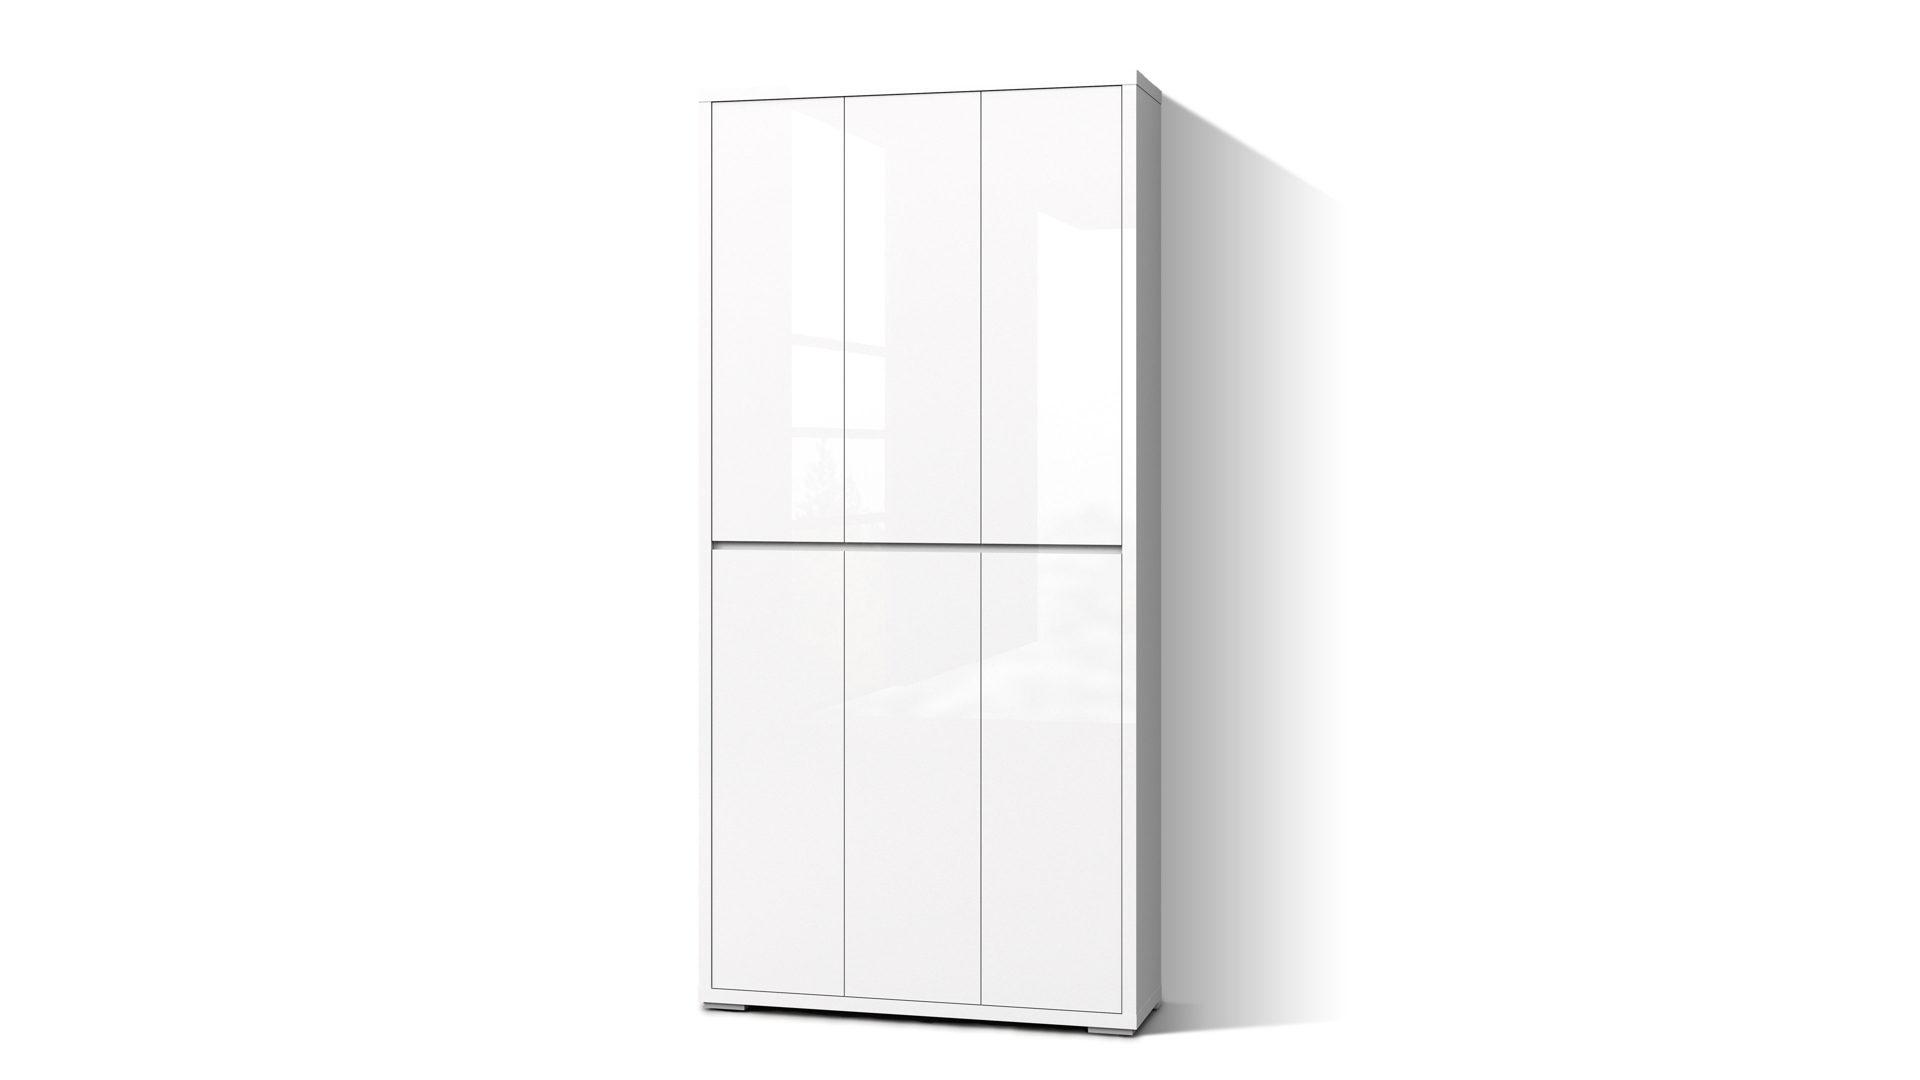 Büroschrank weiß mit türen  Mehrzweckschrank, ein Kleiderschrank bzw. Büroschrank, weiße ...